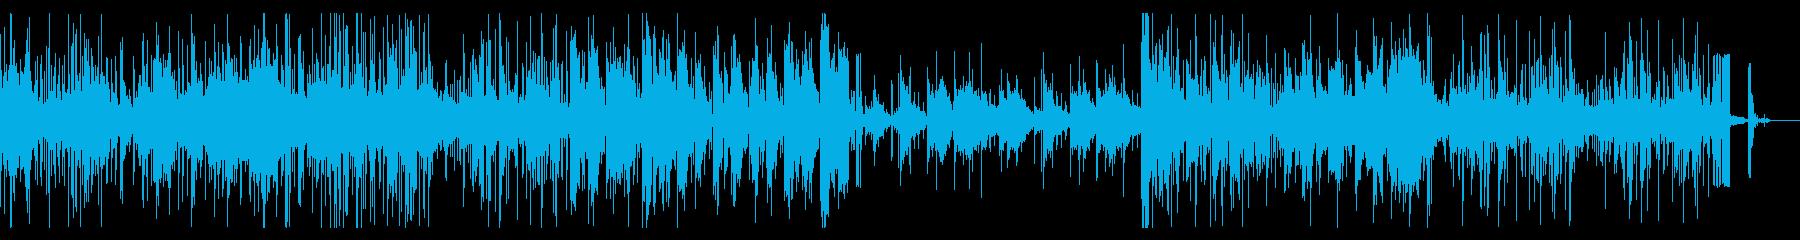 グリッジな実験音楽風ファンクIDMの再生済みの波形